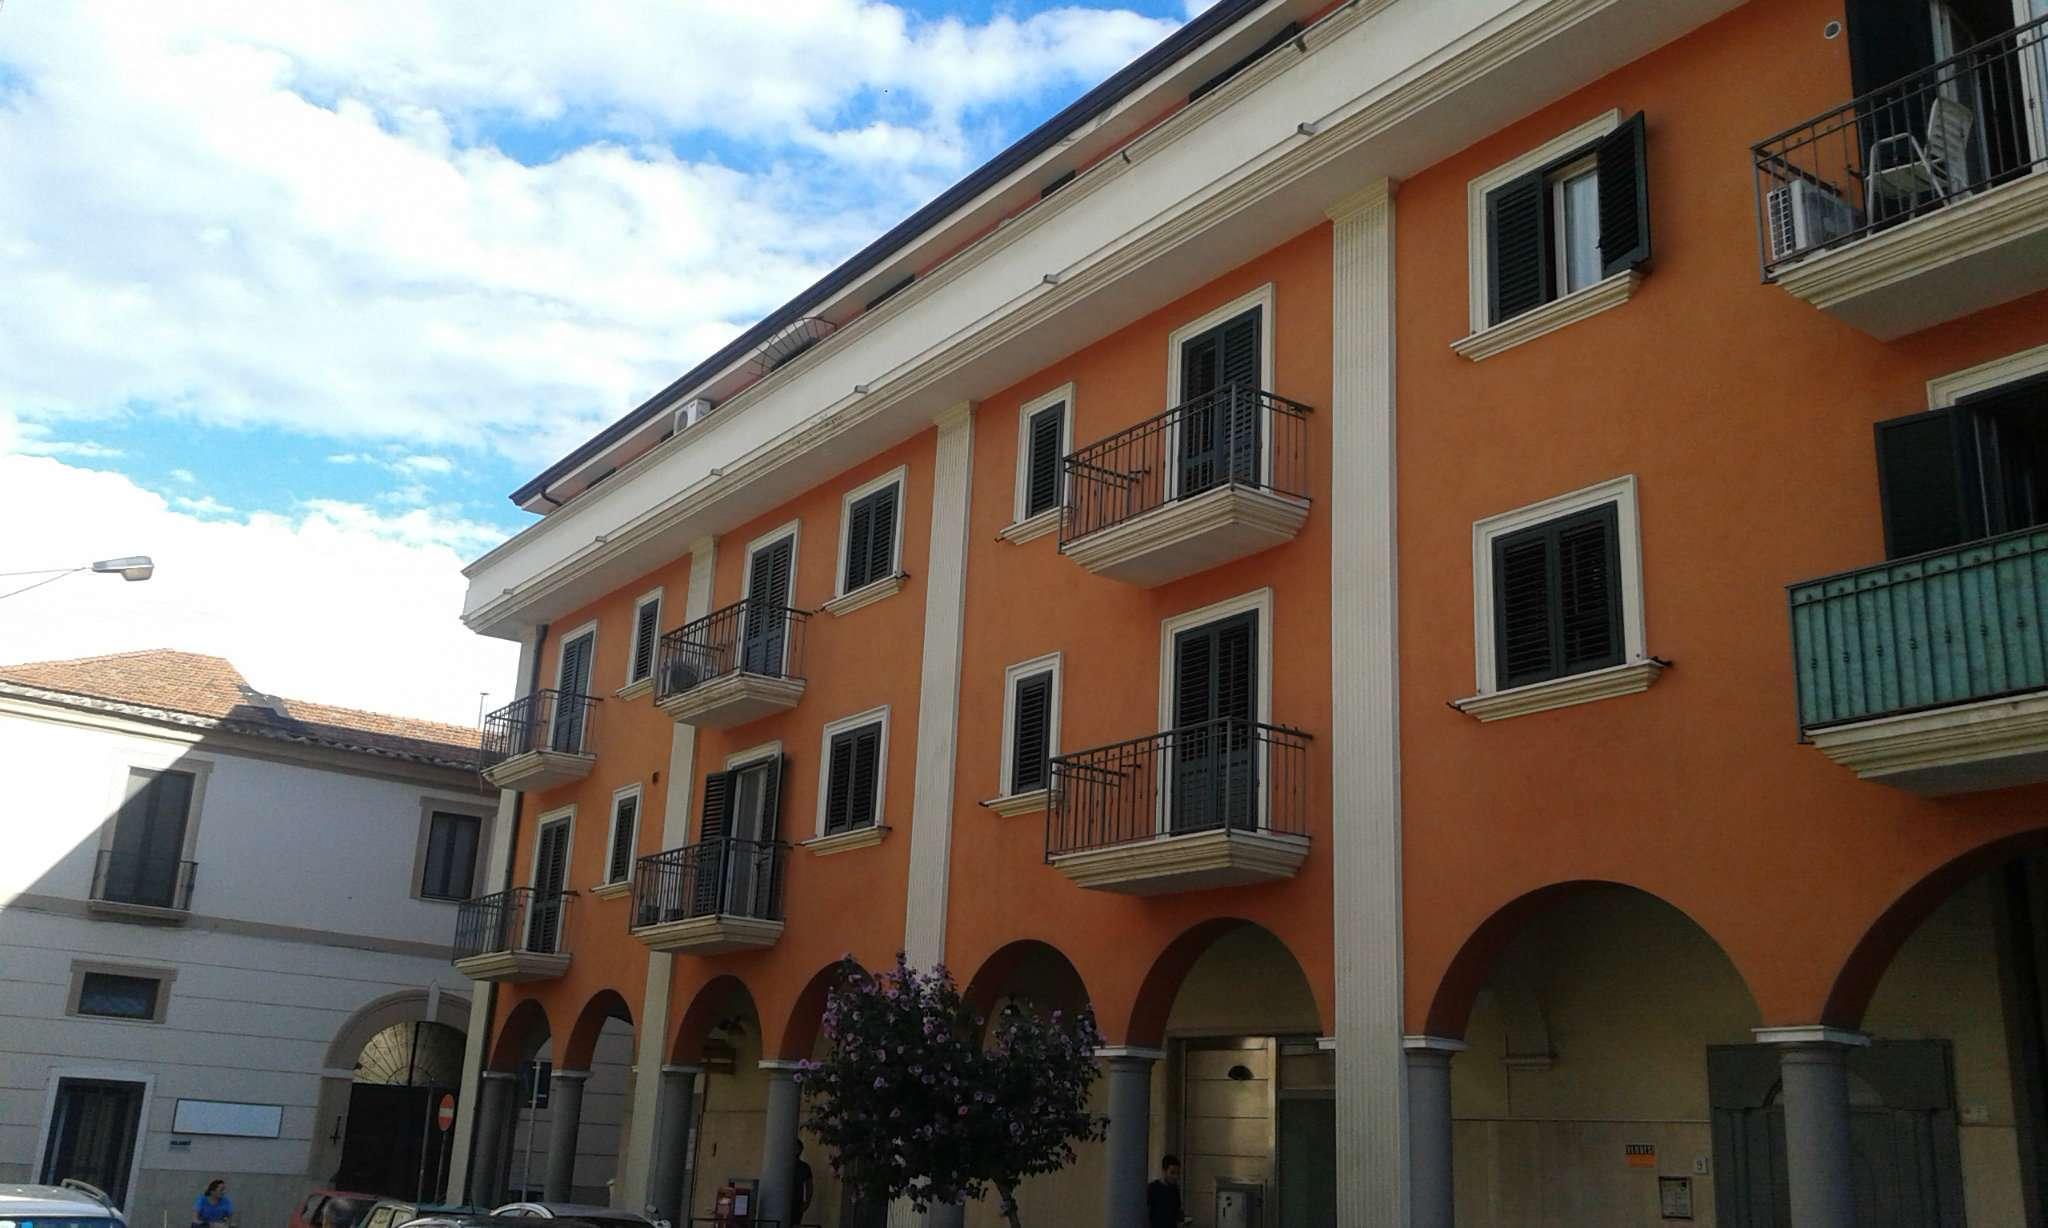 Attico / Mansarda in vendita a Marcianise, 3 locali, prezzo € 130.000 | Cambio Casa.it